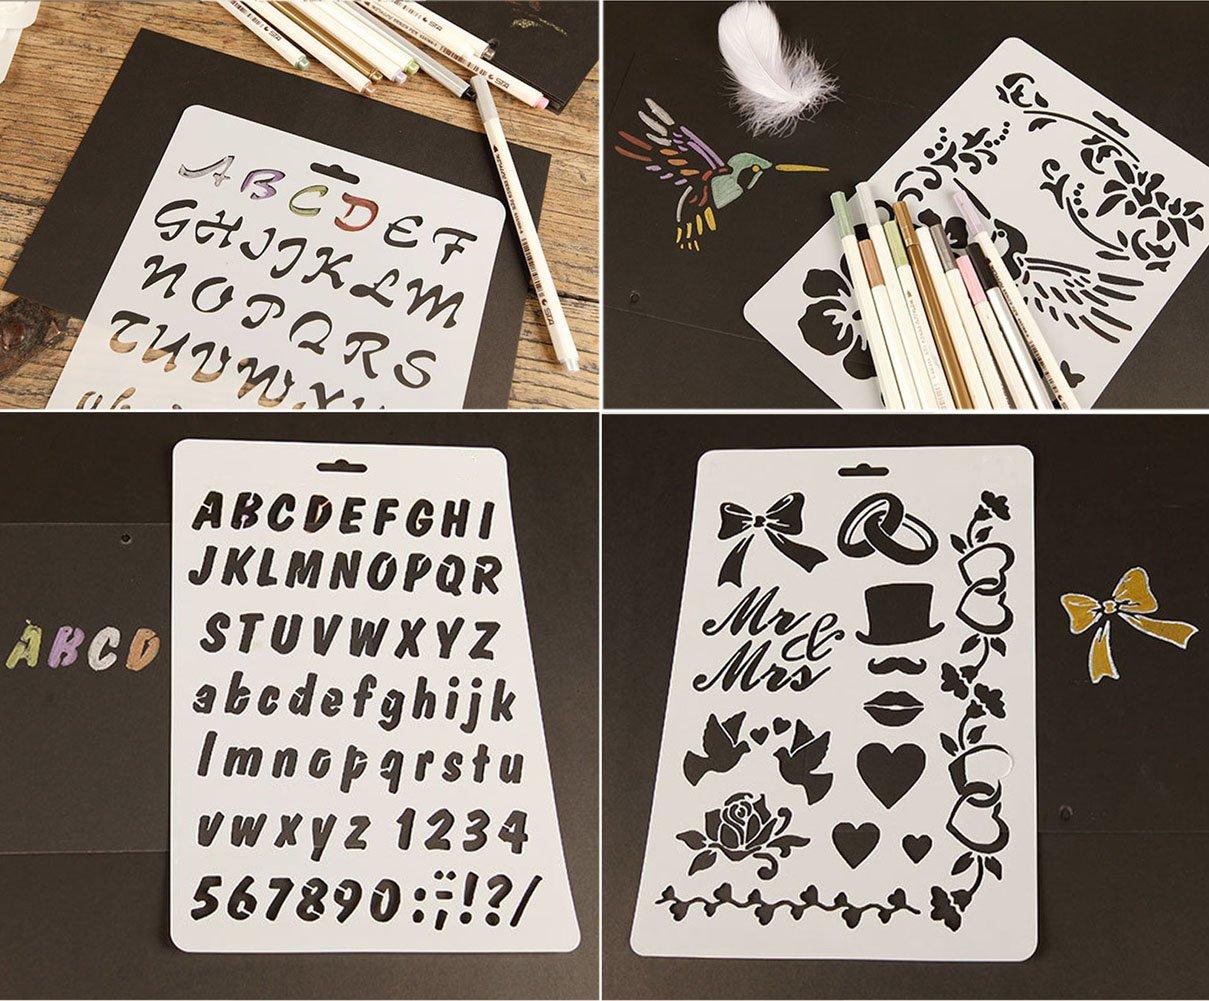 sunswei 8/PCS Bullet Tagebuch-Sets Schablone Alphabet Buchstabe Zeichnen Malen Schablonen Template f/ür Planer//Notizbuch//Tagebuch//Scrapbooking//Journaling//Graffiti//Karte Zeichnen Malen Craft Projekte